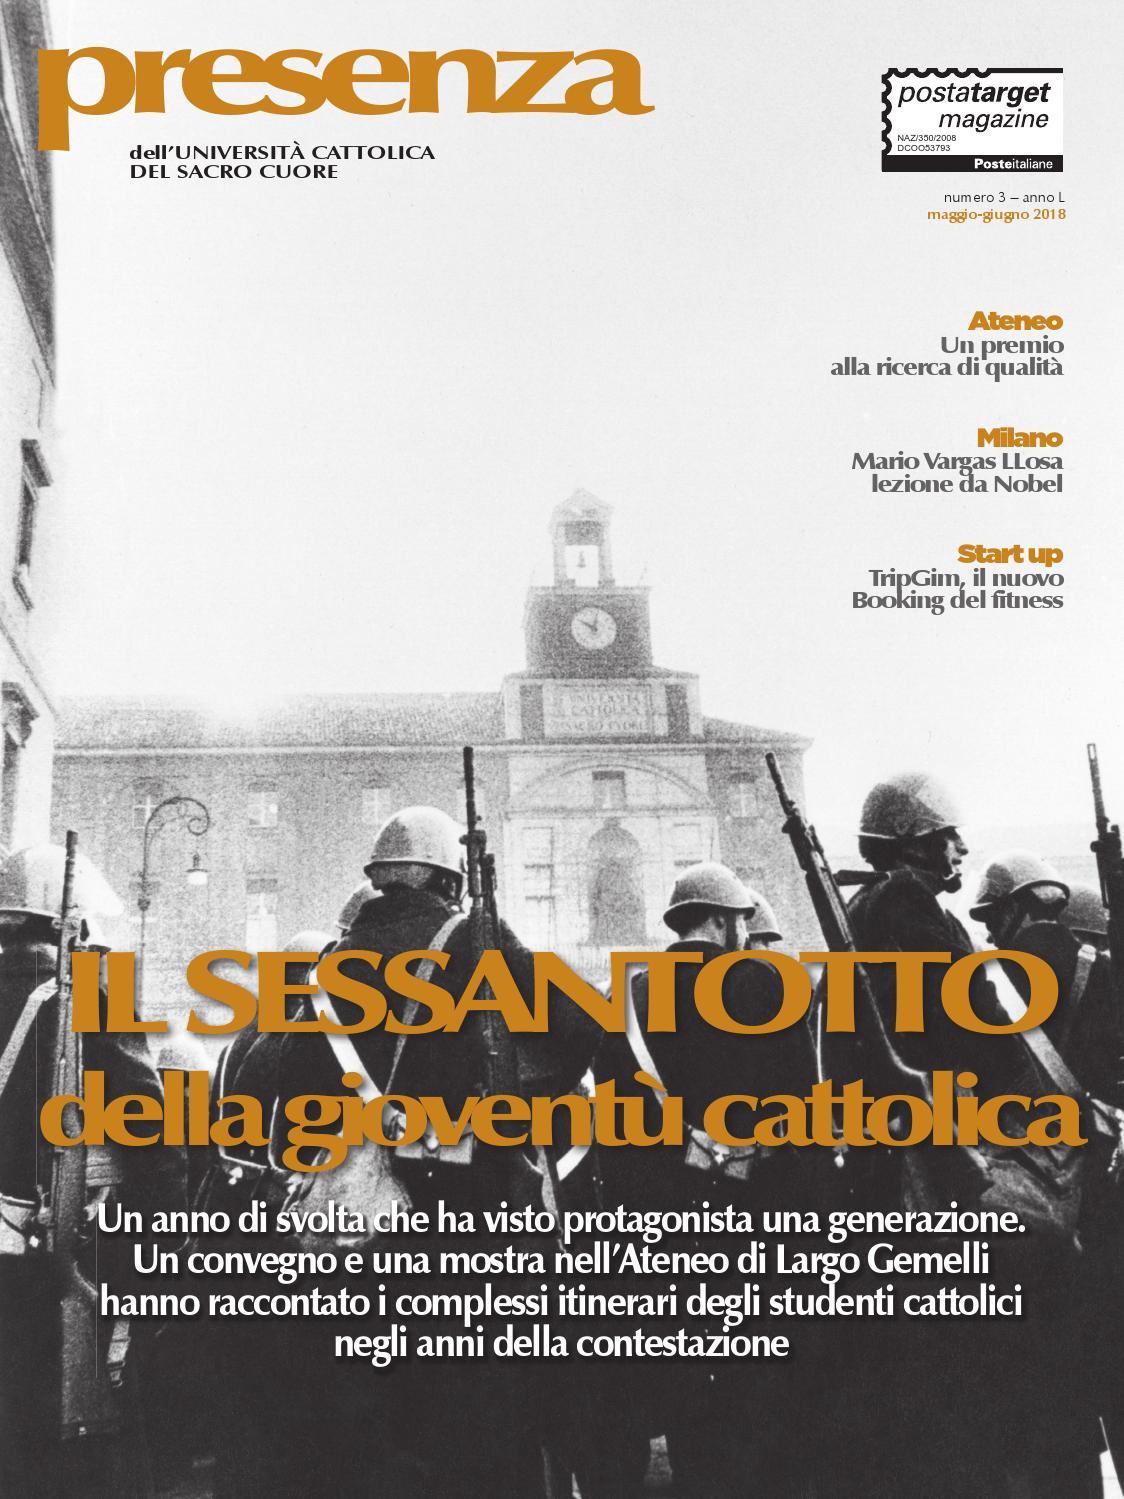 Calendario Lezioni Unicatt.Presenza 03 2018 Il Sessantotto Della Gioventu Cattolica By